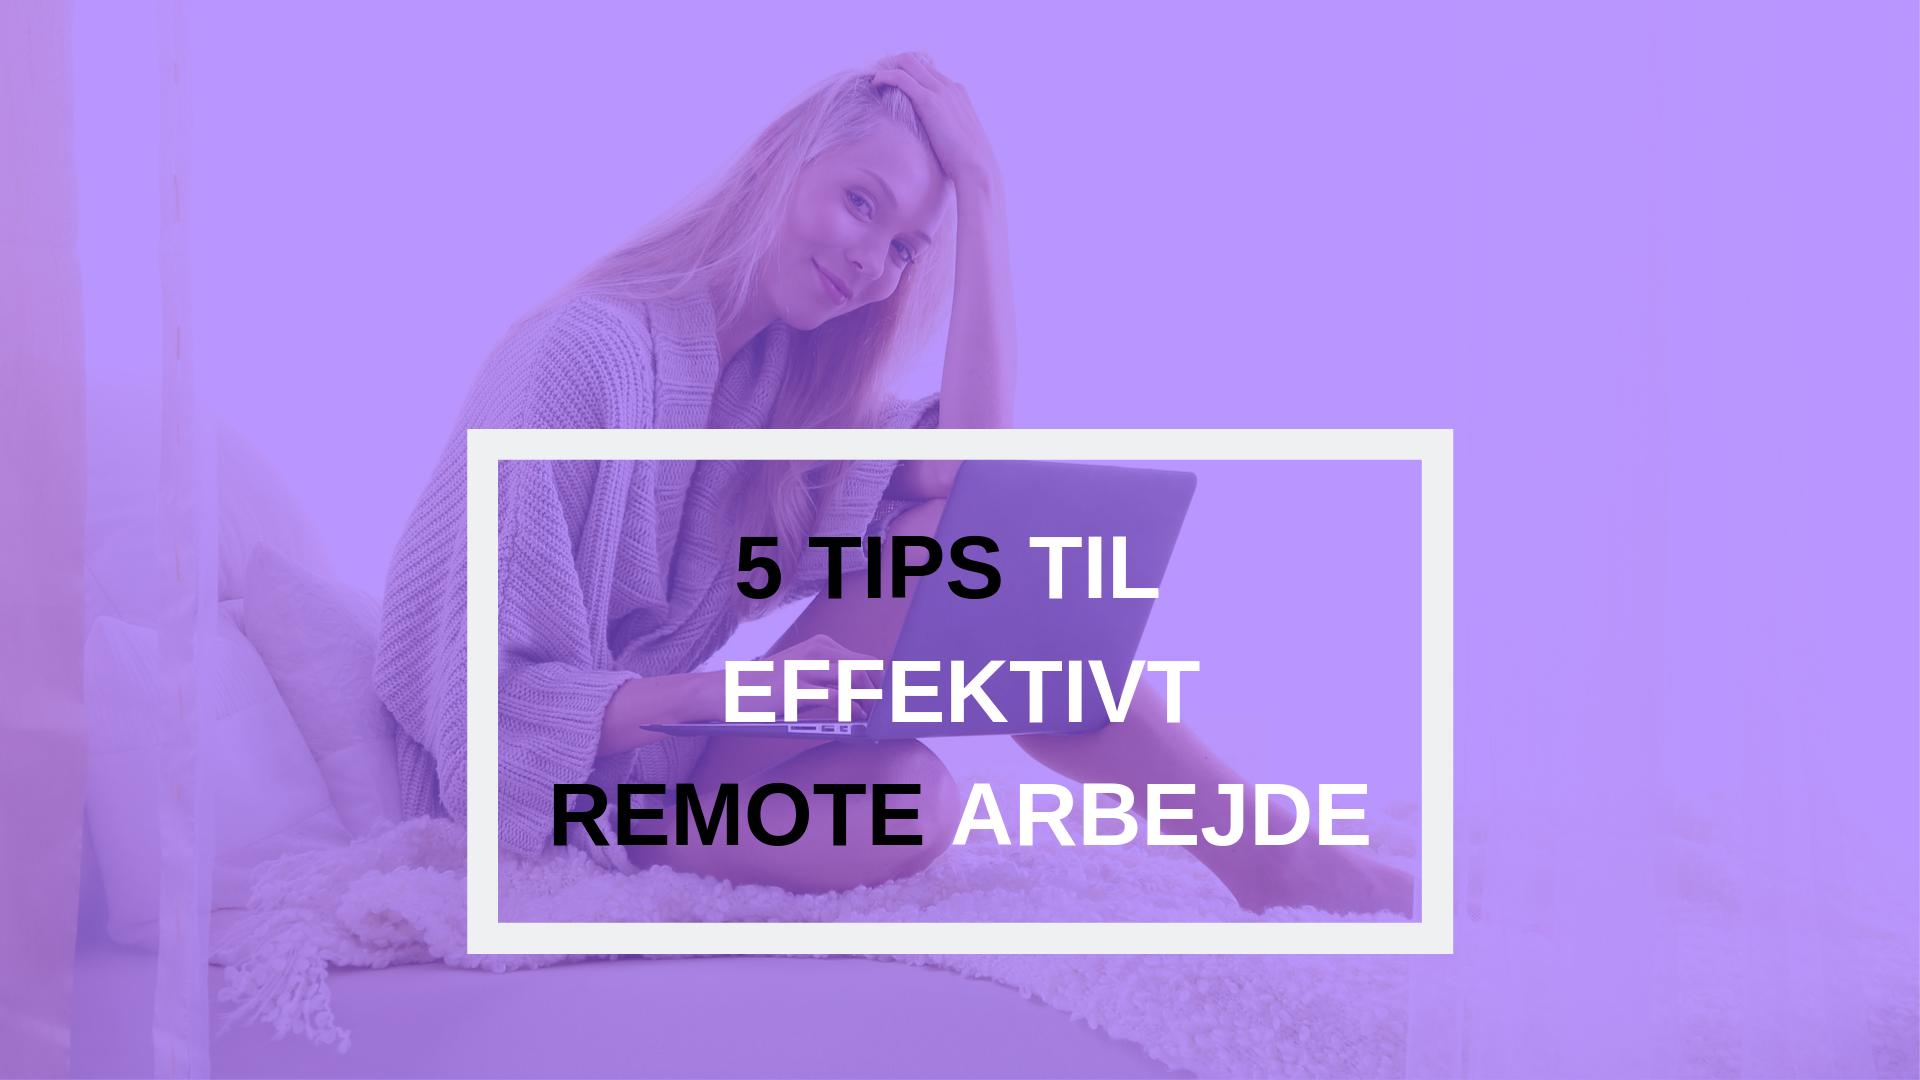 5 tips til effektivt remote arbejde